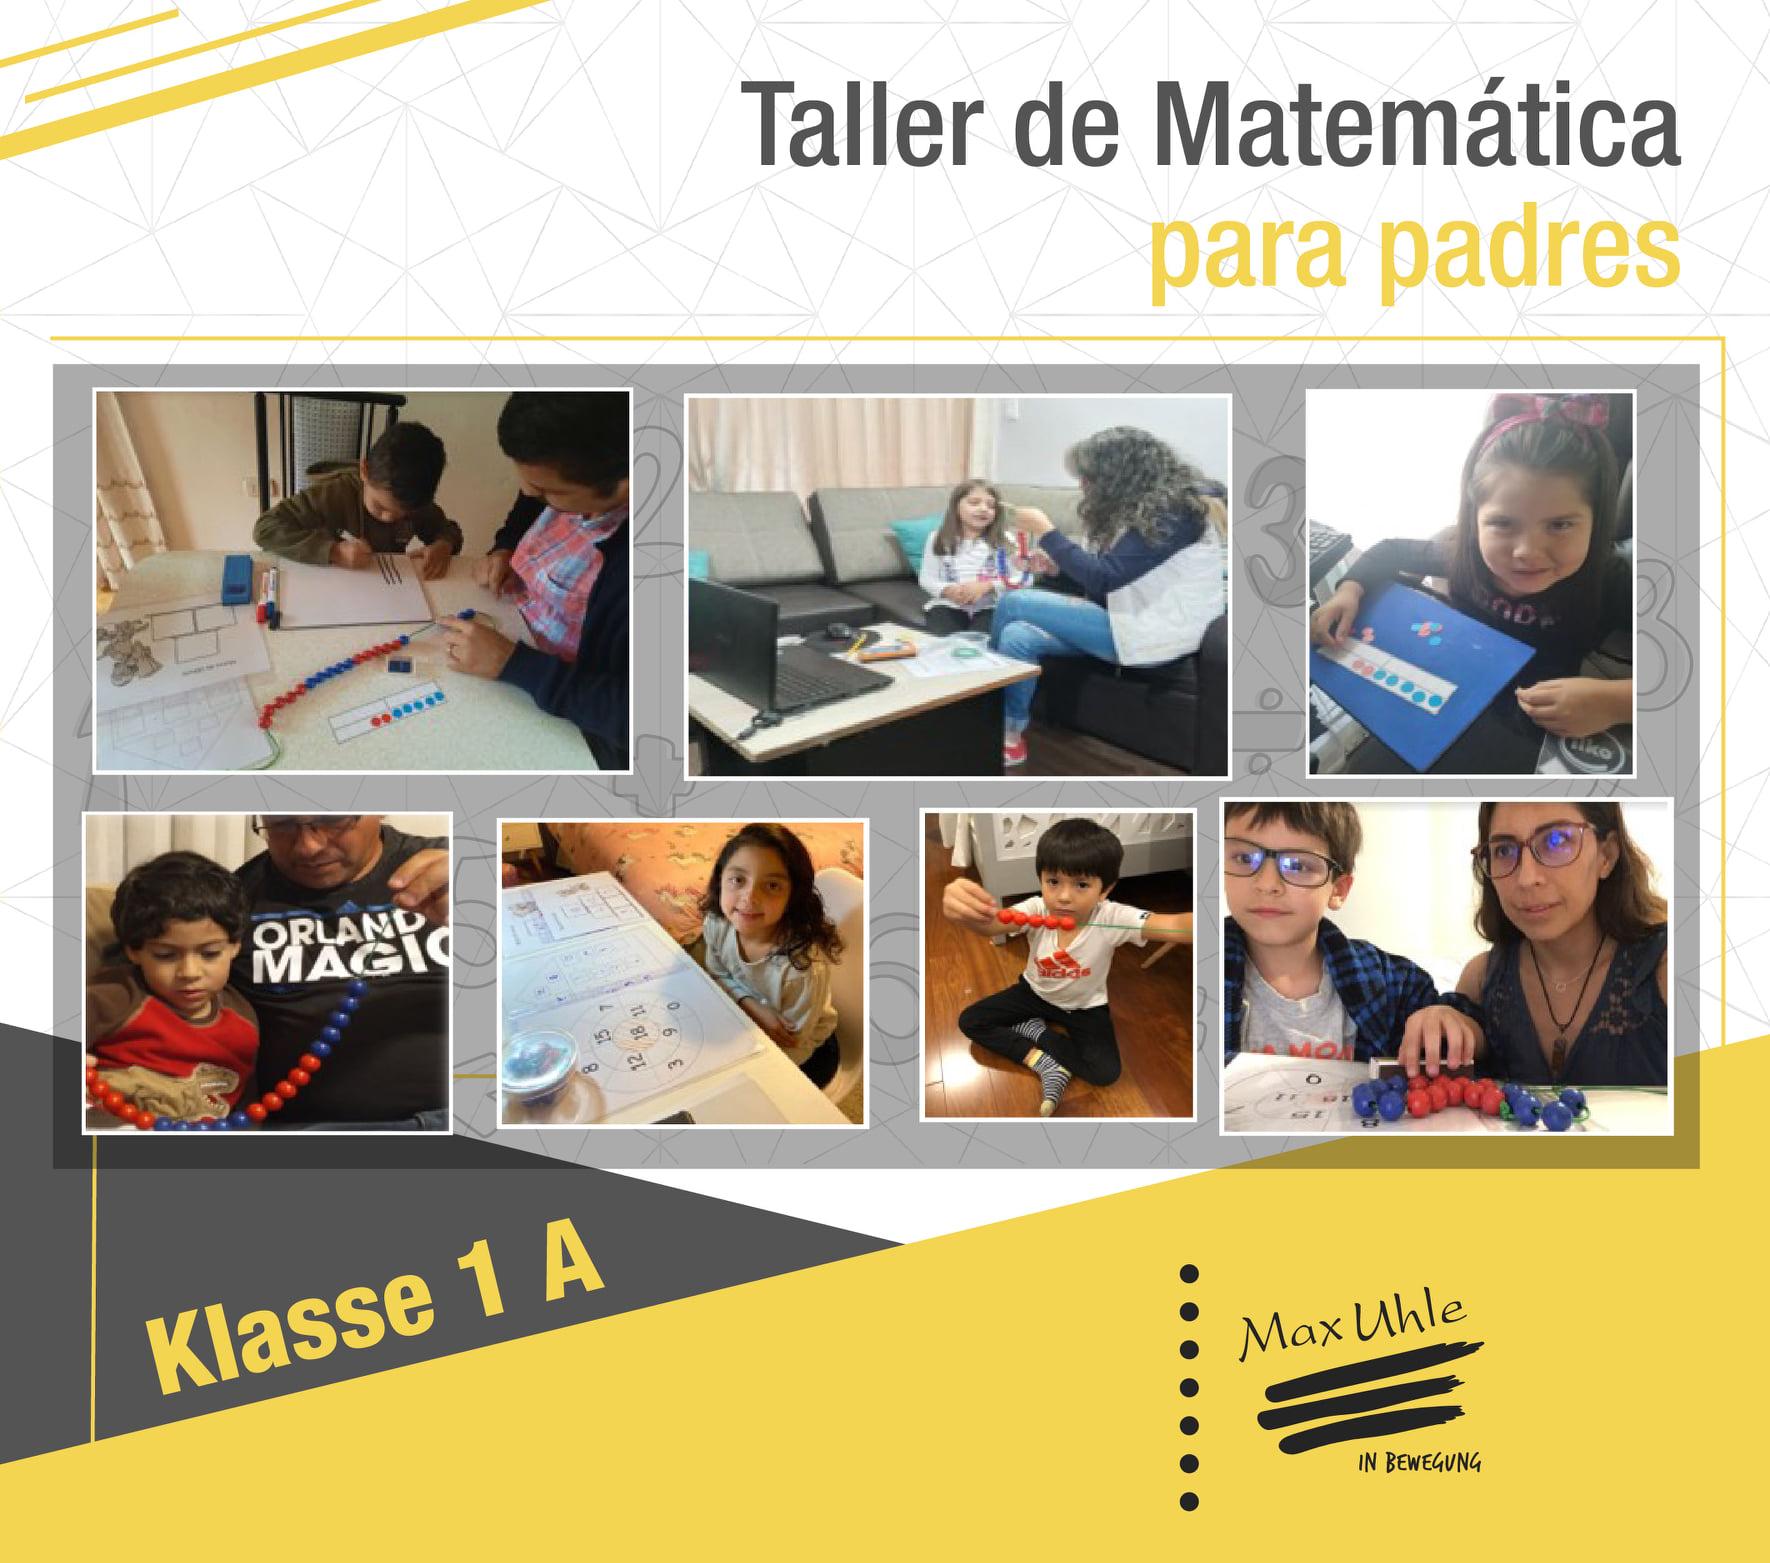 taller de matematica para padres clase 1 colegio max uhle (2)